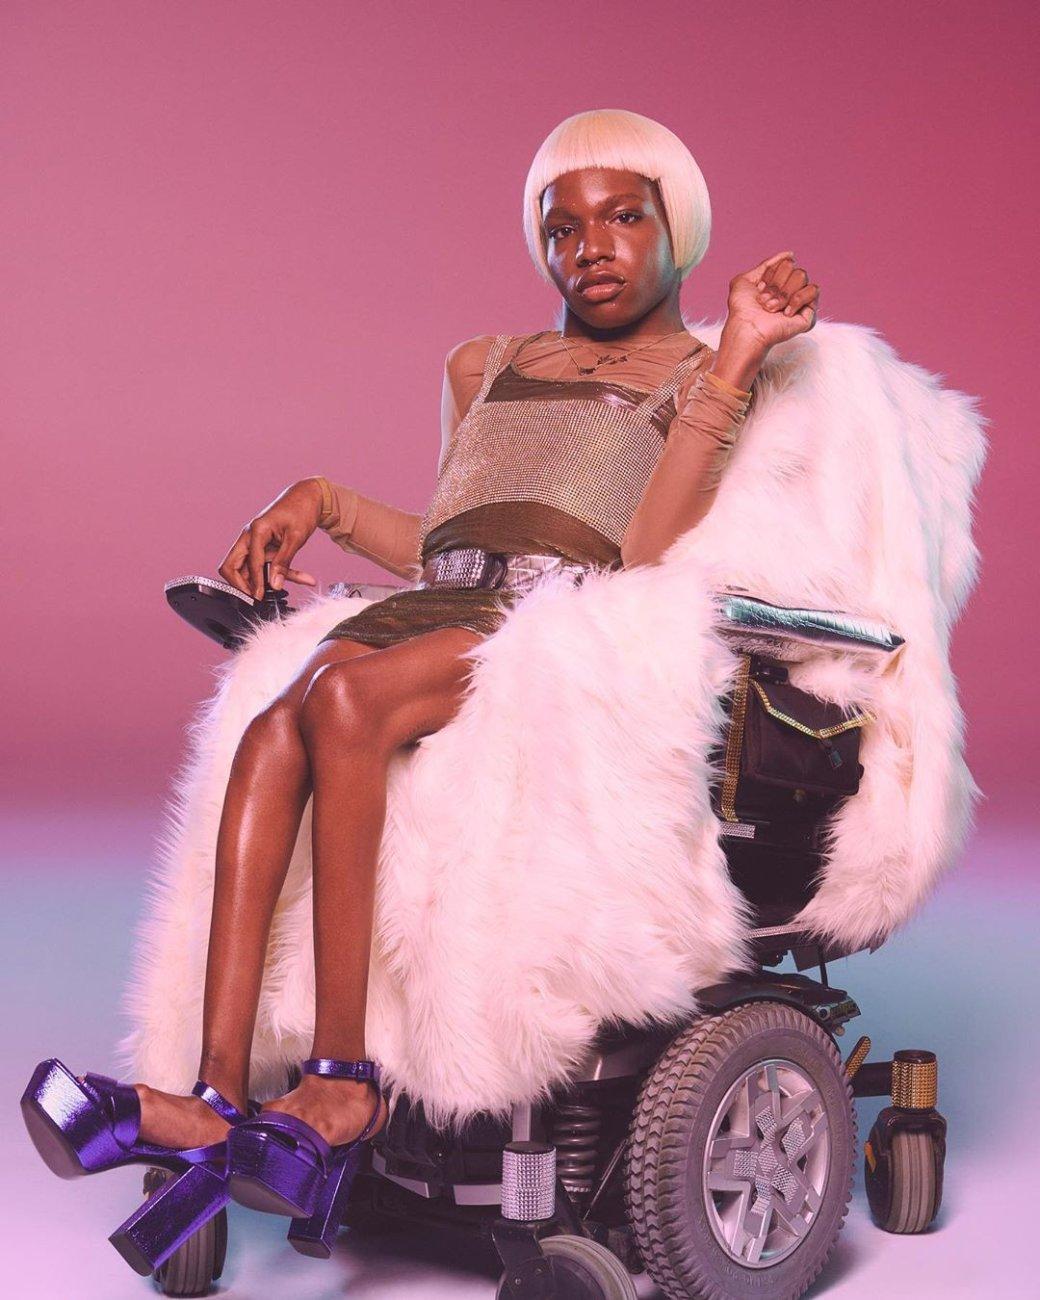 Bratz выпустил куклу первой темнокожей трансгендерной модели Аарон Филип в инвалидном кресле